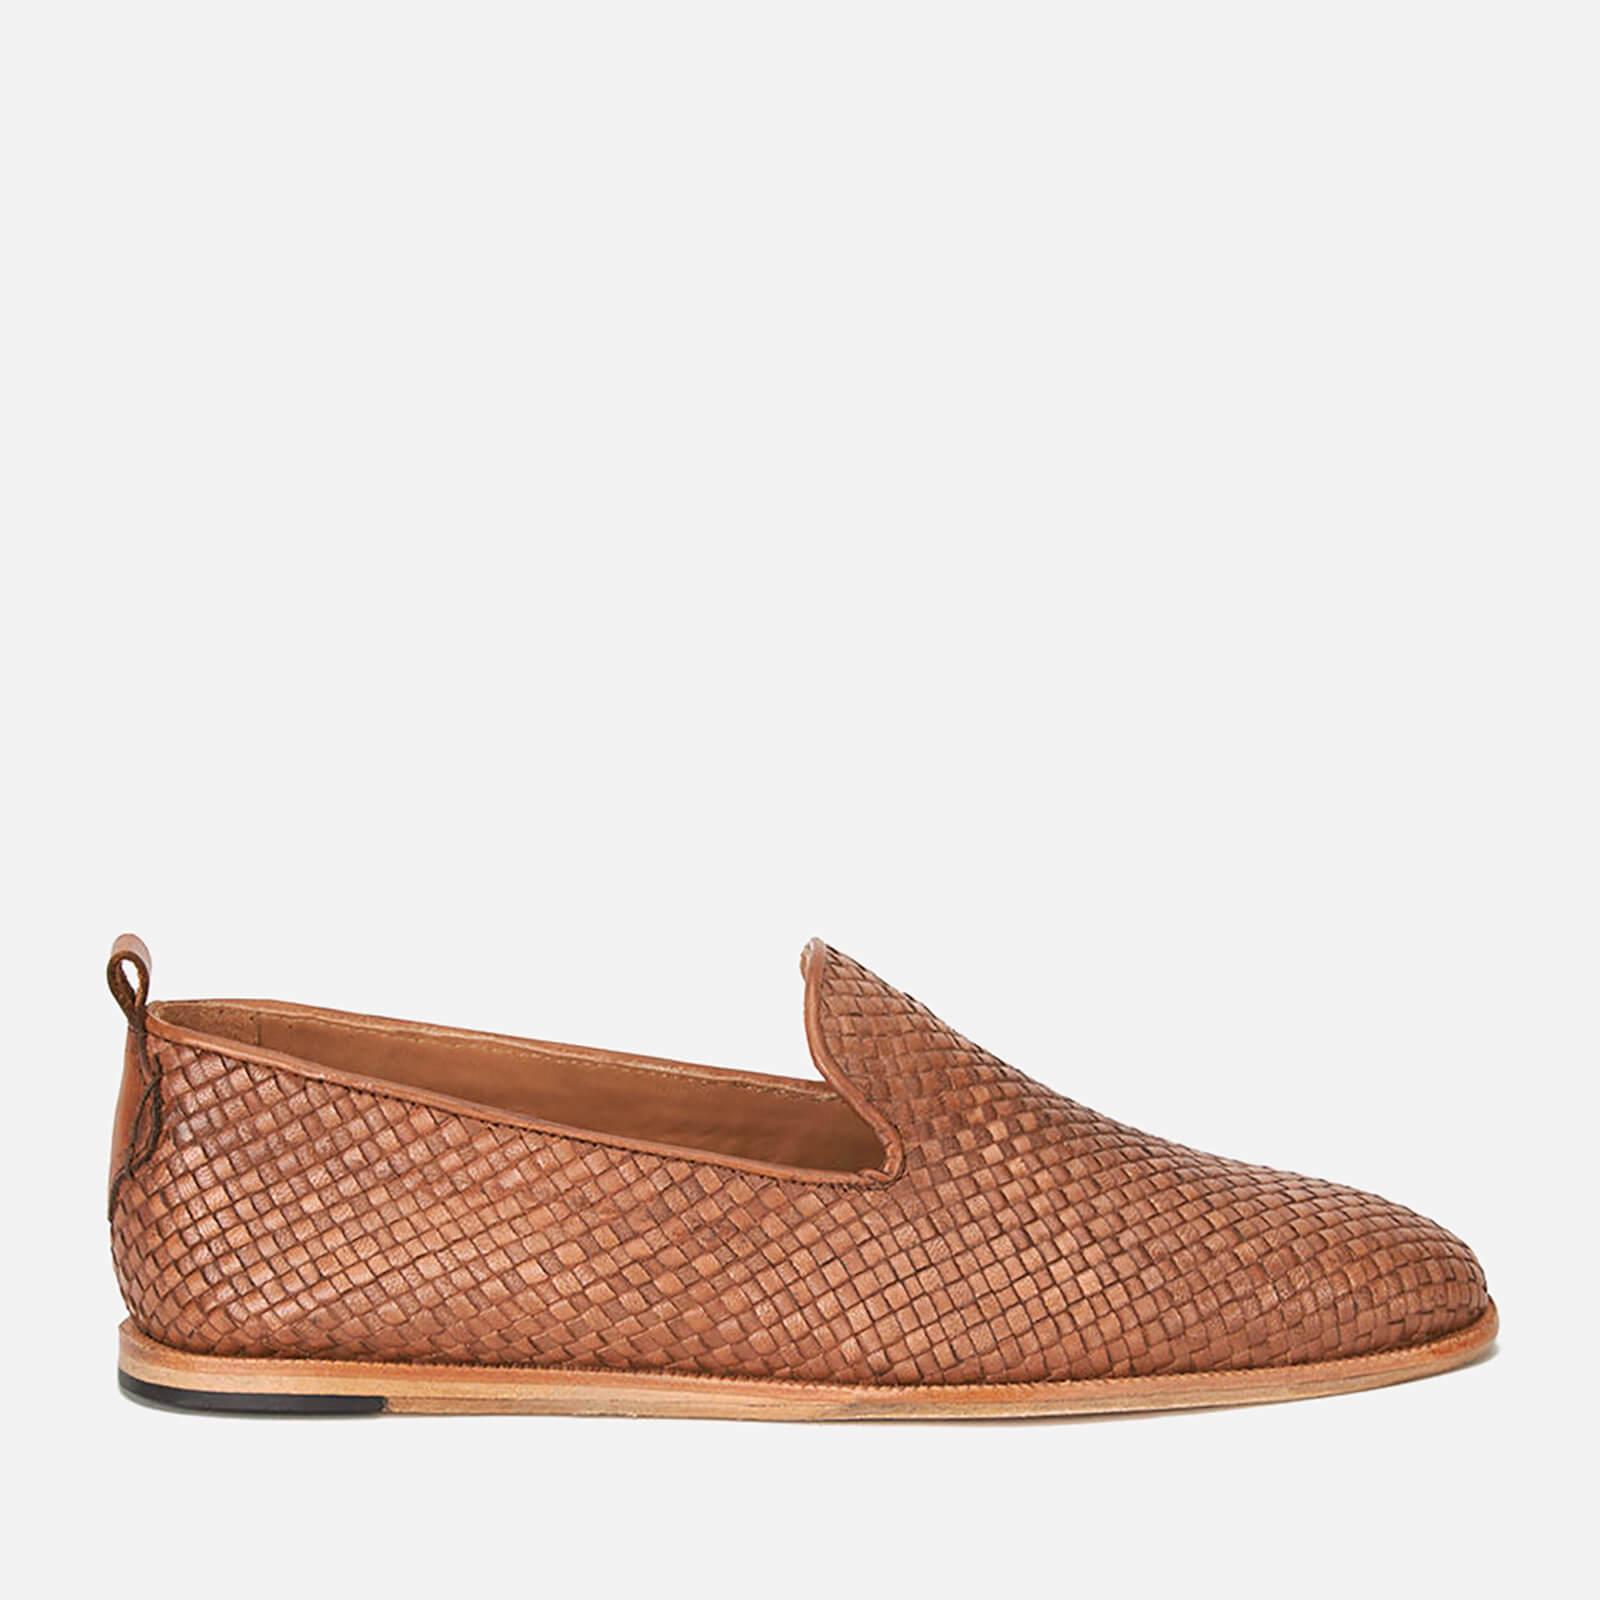 Hudson London Men's Ipanema Weave Slip on Leather Shoes - Tan - UK 9 - Tan